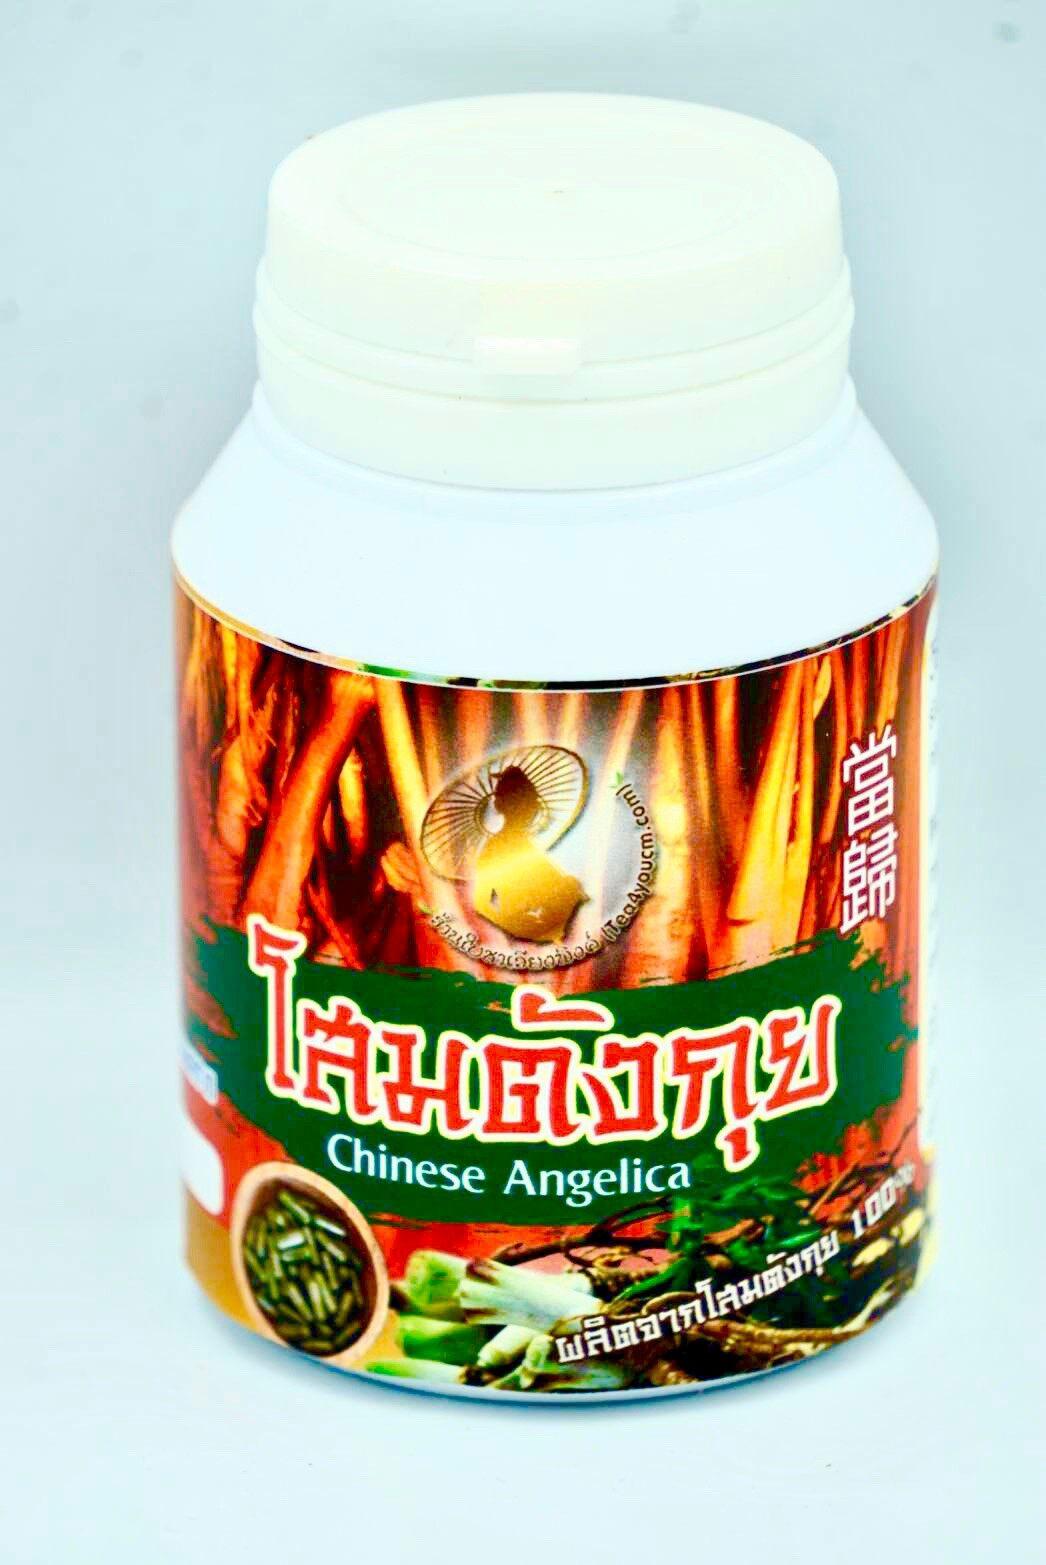 ตังกุย ตังกุยแคปซูล 100 เม็ด 當歸 Dong Quai Tea ใช้เป็นยาบำรุงโลหิต ฟอกเลือด รักษาโรคโลหิตจาง อุดมไปด้วยวิตามินบี 12 ซึ่งจำเป็นต่อการสร้างเลือด กระตุ้นการไหลเวียนของเลือดในร่างกายให้ดีขึ้น ไม่ควรใช้ในสตรีมีครรภ์.